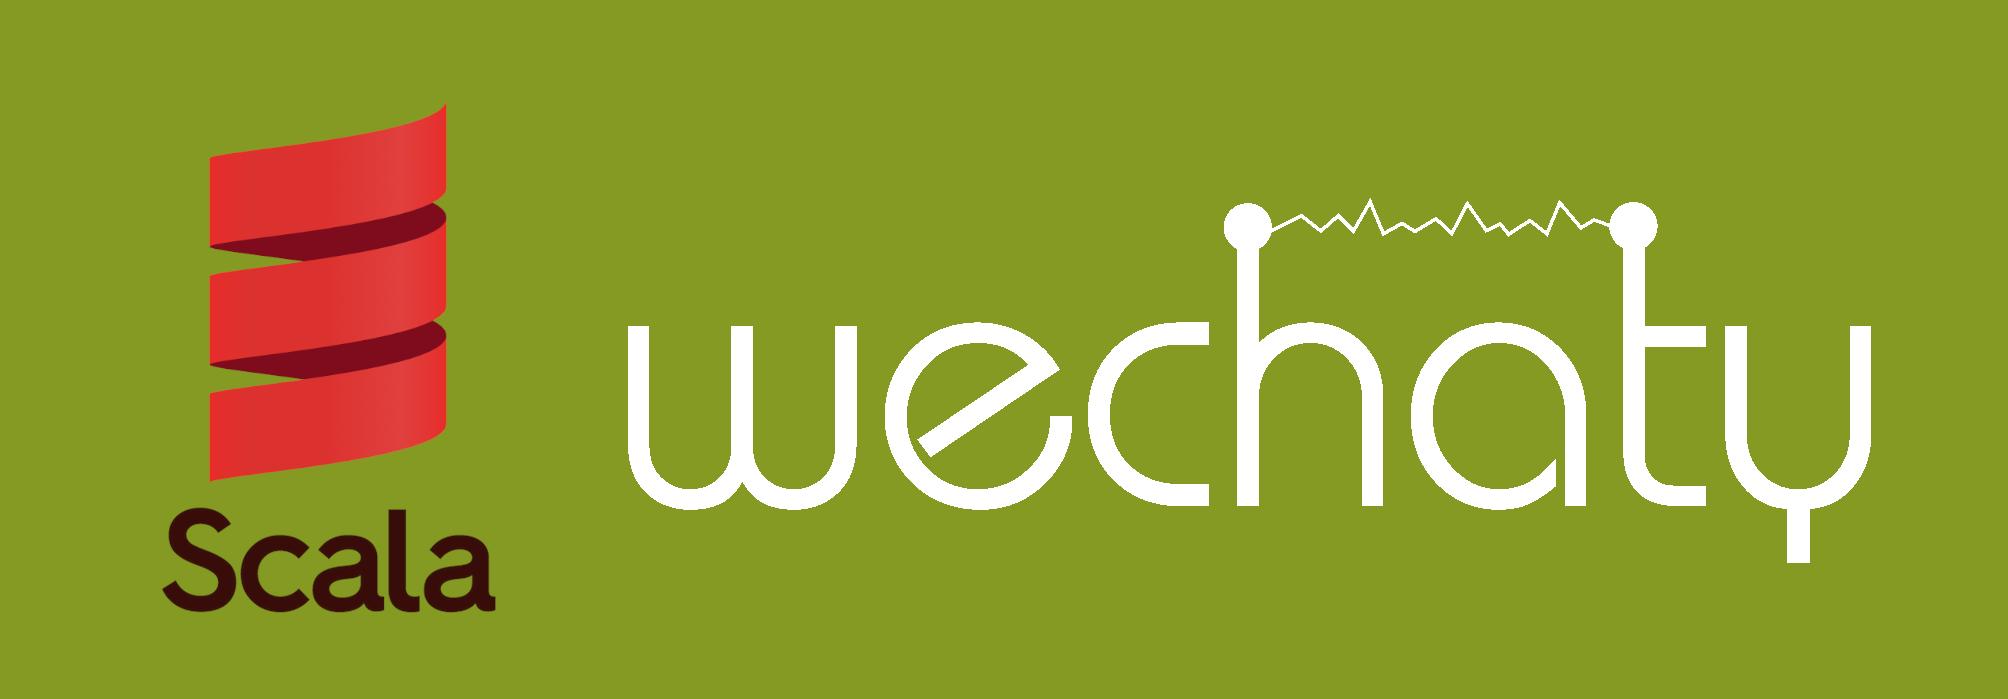 Scala Wechaty